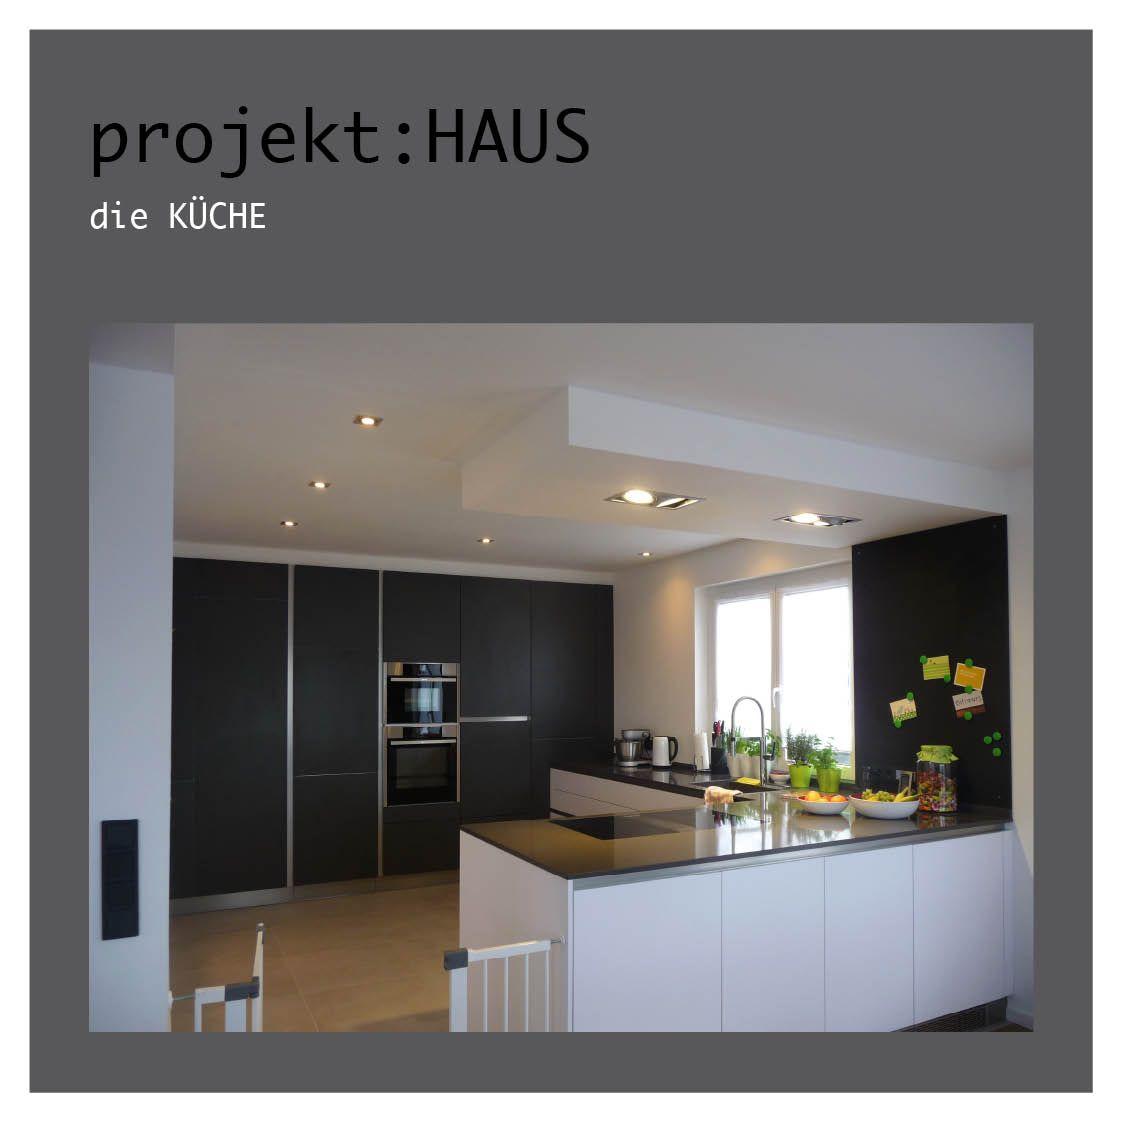 küche, modern, schwarz, weiß, grau, beton, stein, tafel | Küche ...